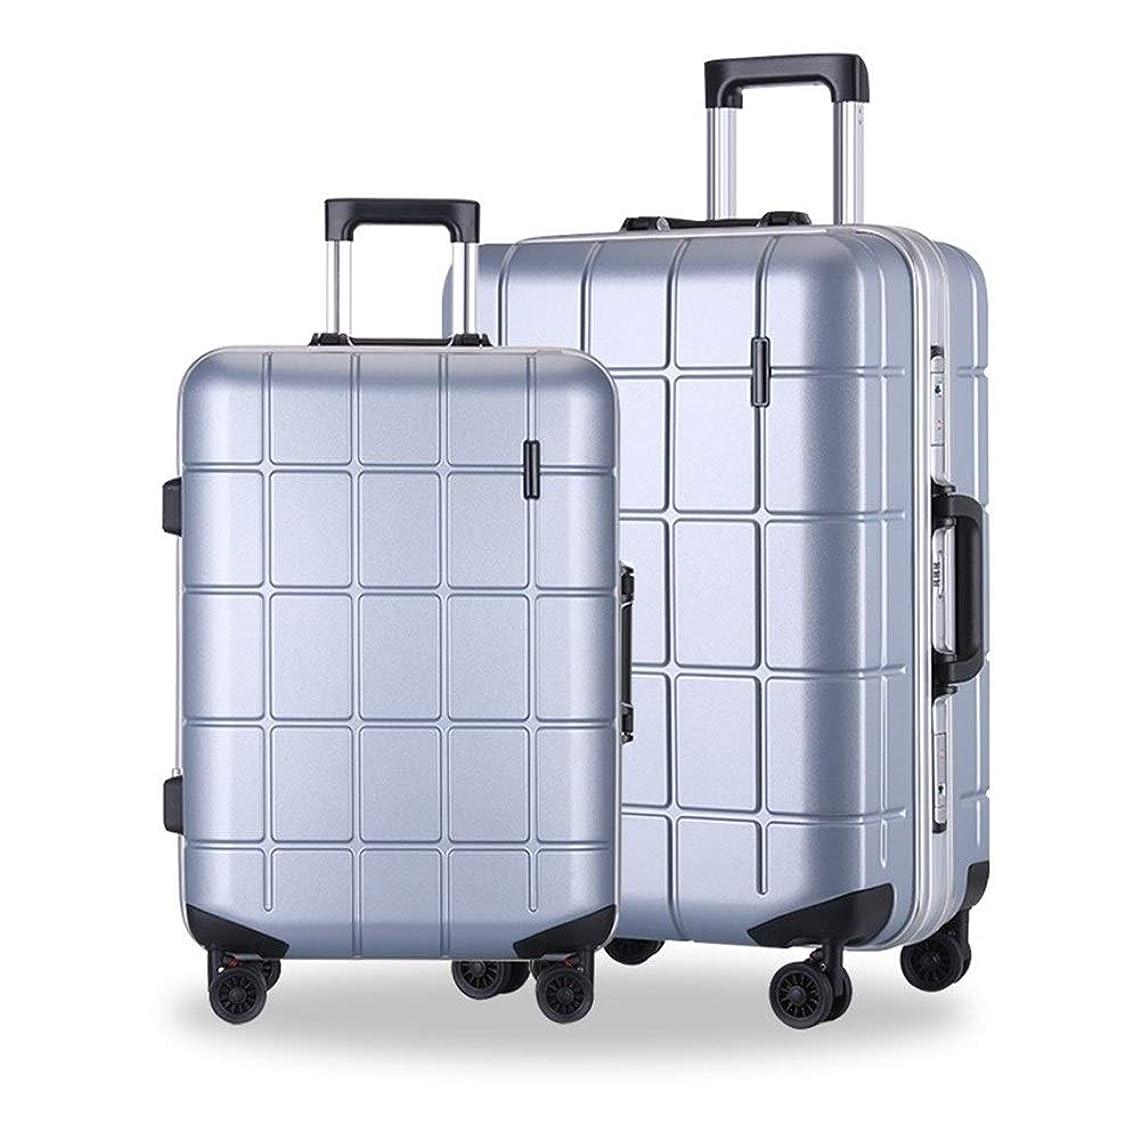 拍車発動機バンジョーアルミフレームトロリーケースビジネスPCスーツケース男性と女性の多方向ホイール20インチライト搭乗スーツケーススーツケースパスワードスーツケース (Color : Sliver, Size : 20inch)